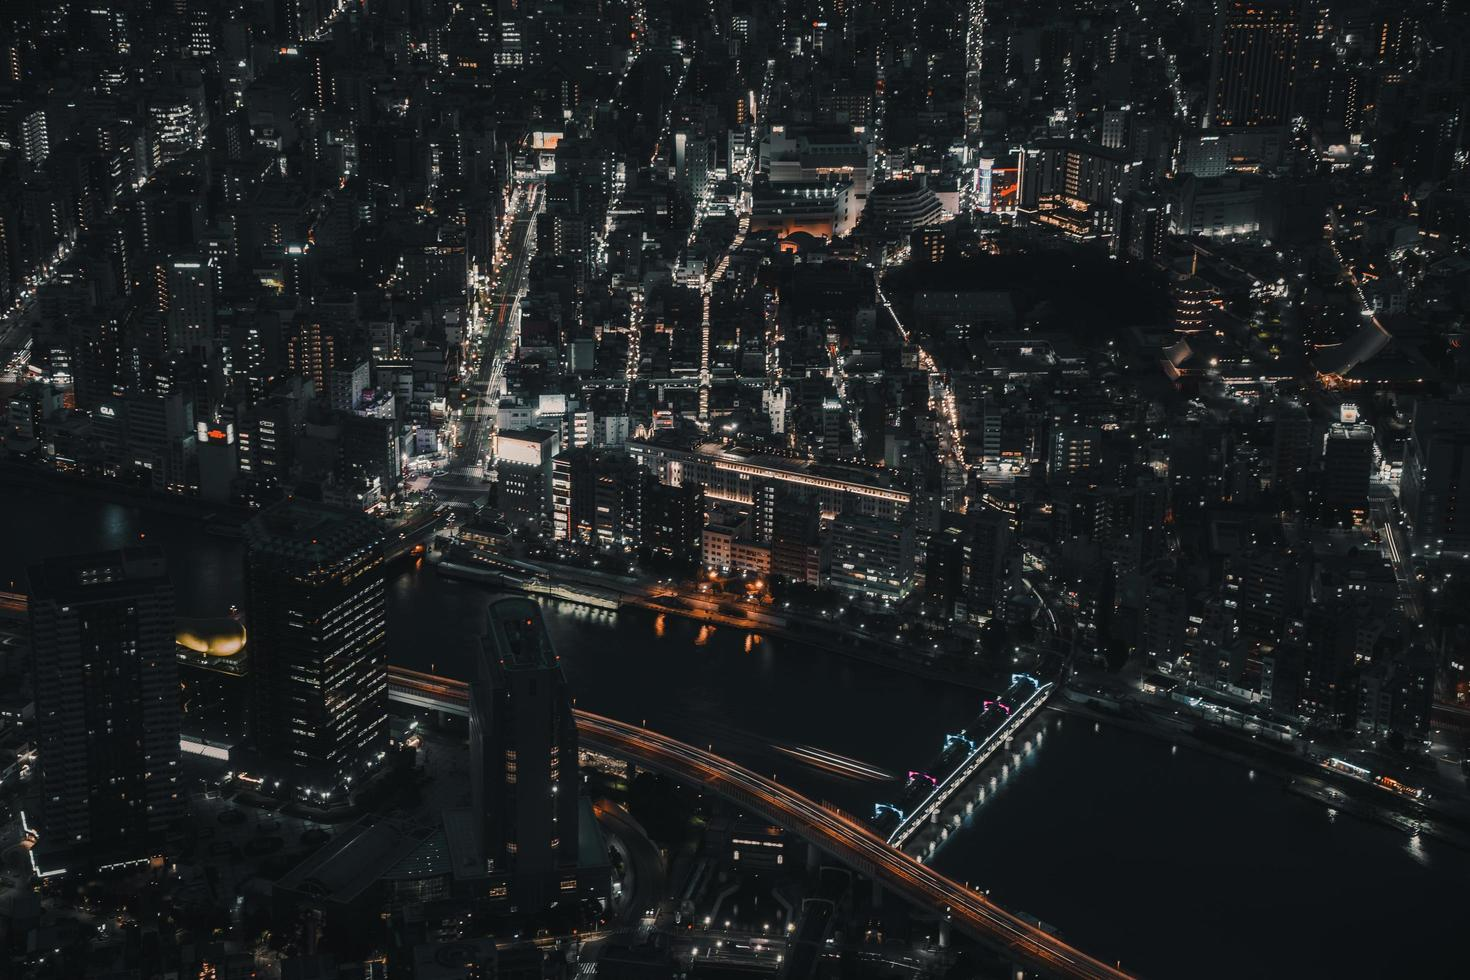 foto aerea di edifici della città